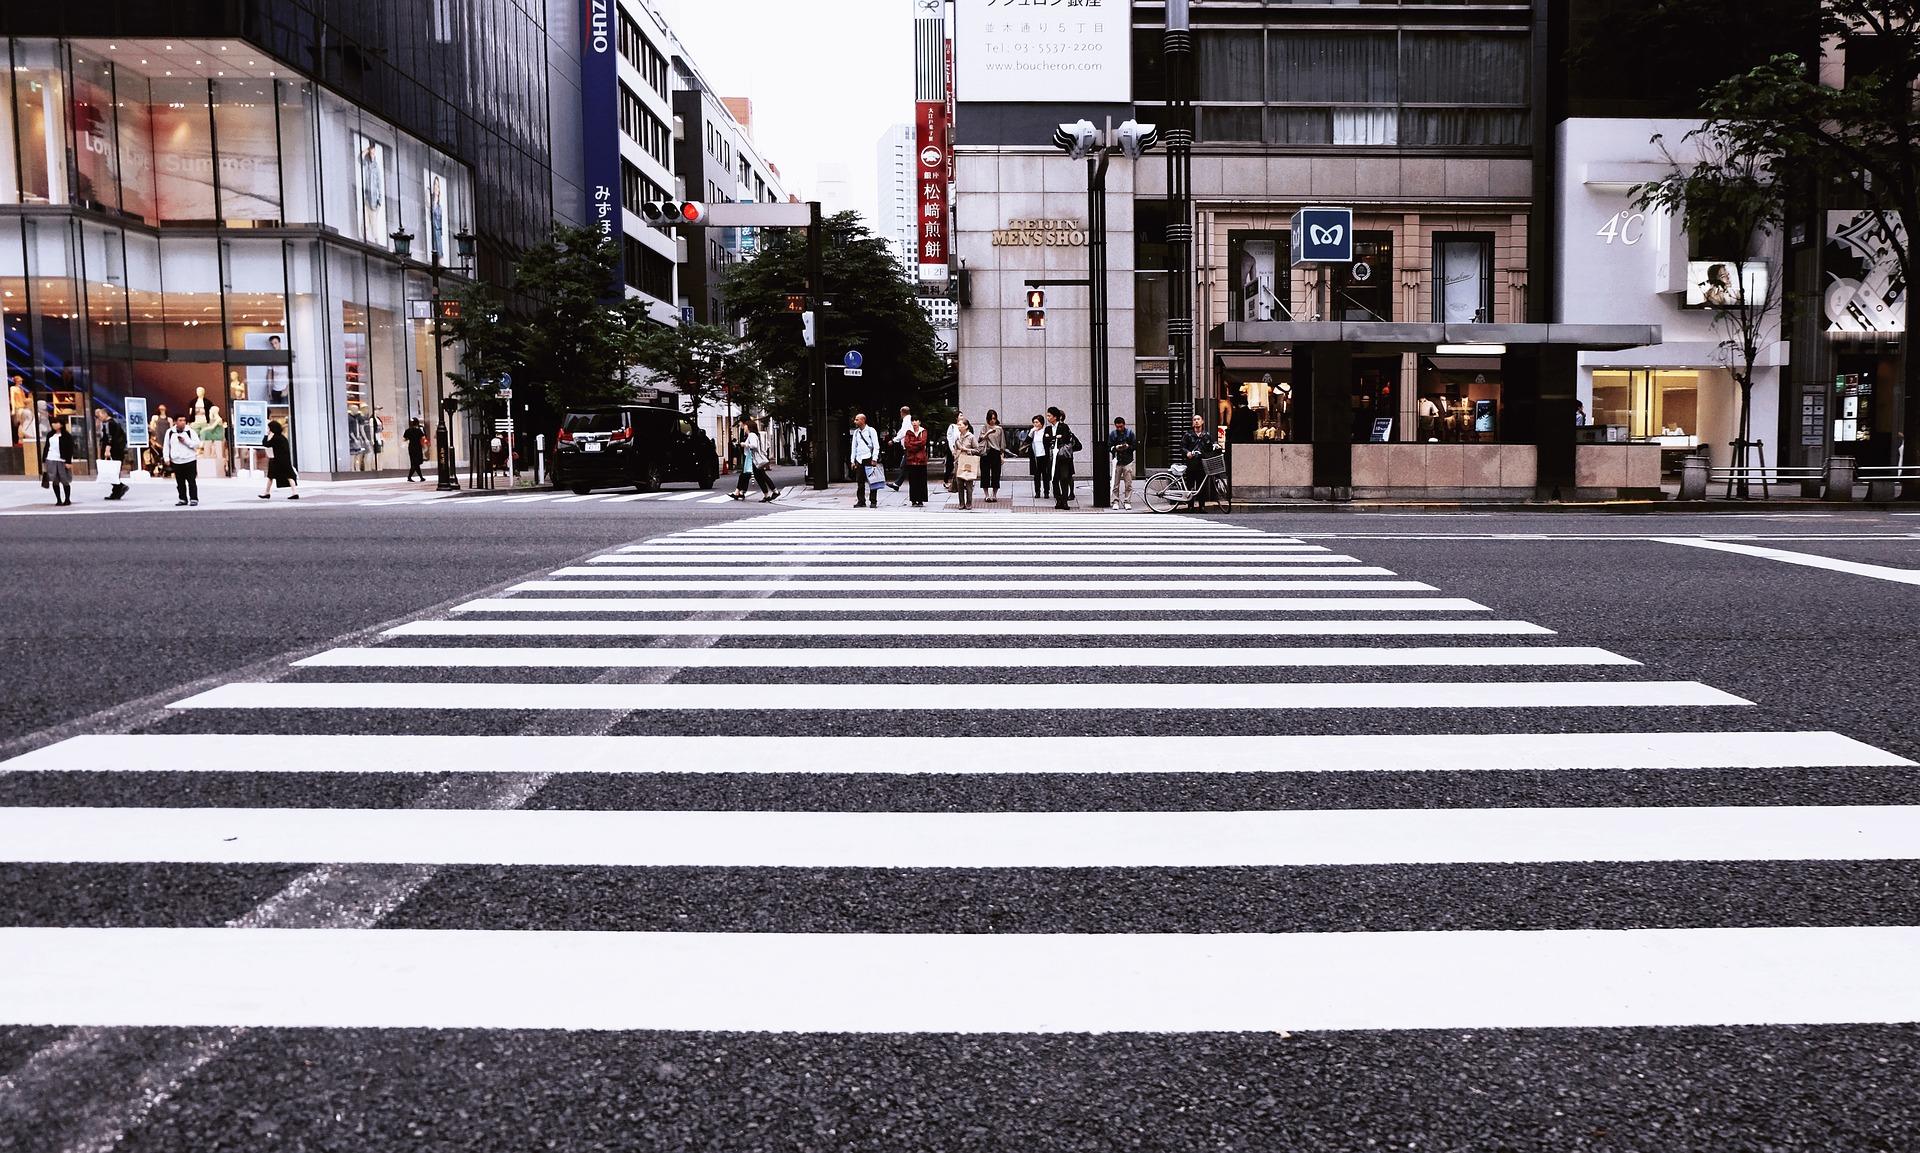 Пішохідні зони проектуватимуть, враховуючи потреби людей із інвалідністю